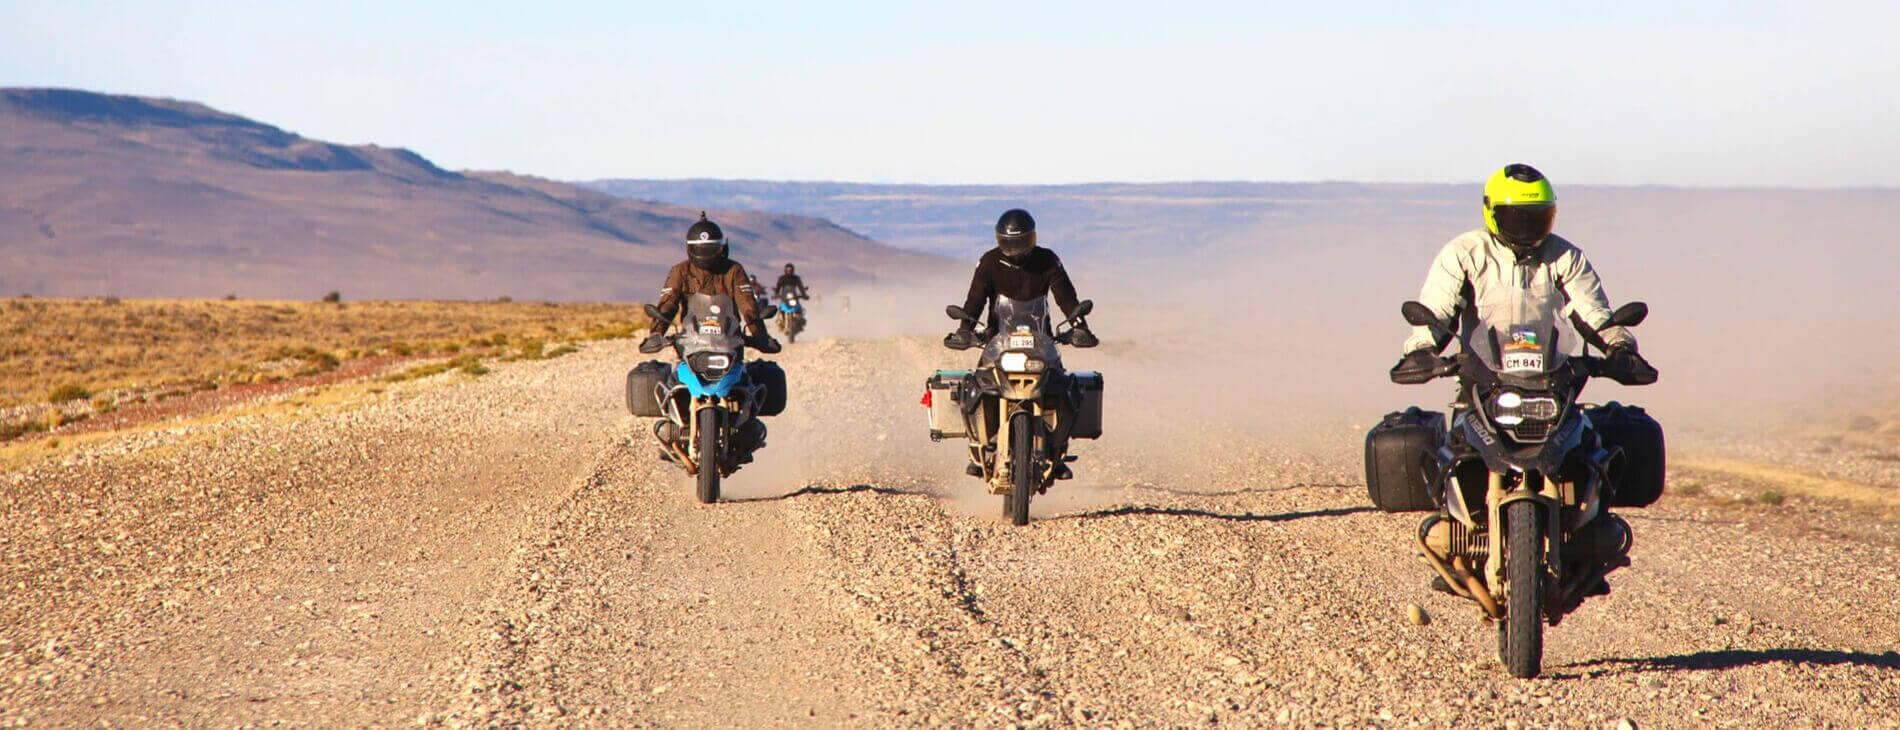 VIAGGI IN MOTO in PATAGONIA e SUD AMERICA